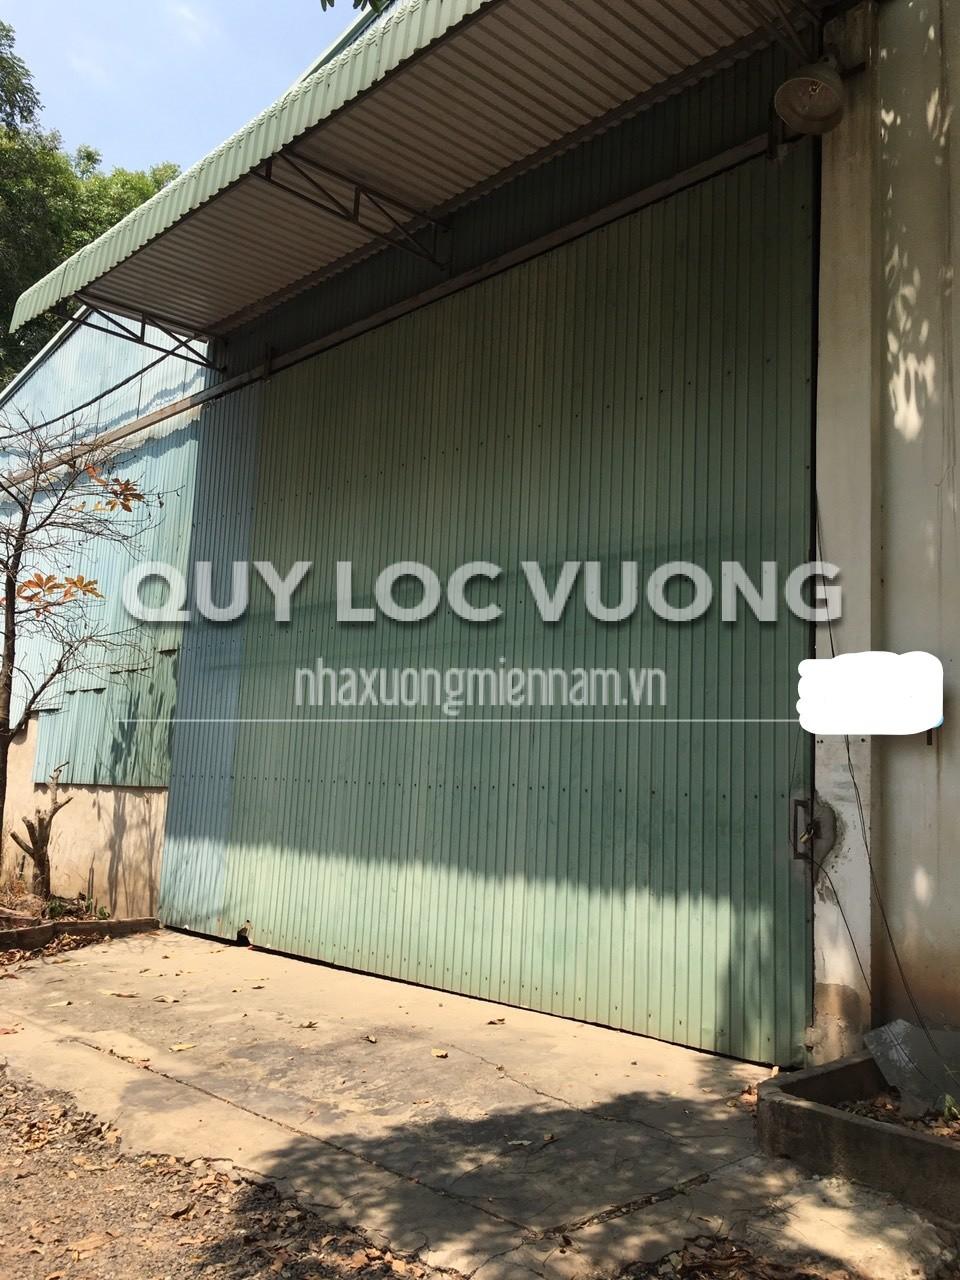 Cho thuê nhà xưởng khu vực phường Phước Tân Biên Hòa Đồng Nai, 2.000m2